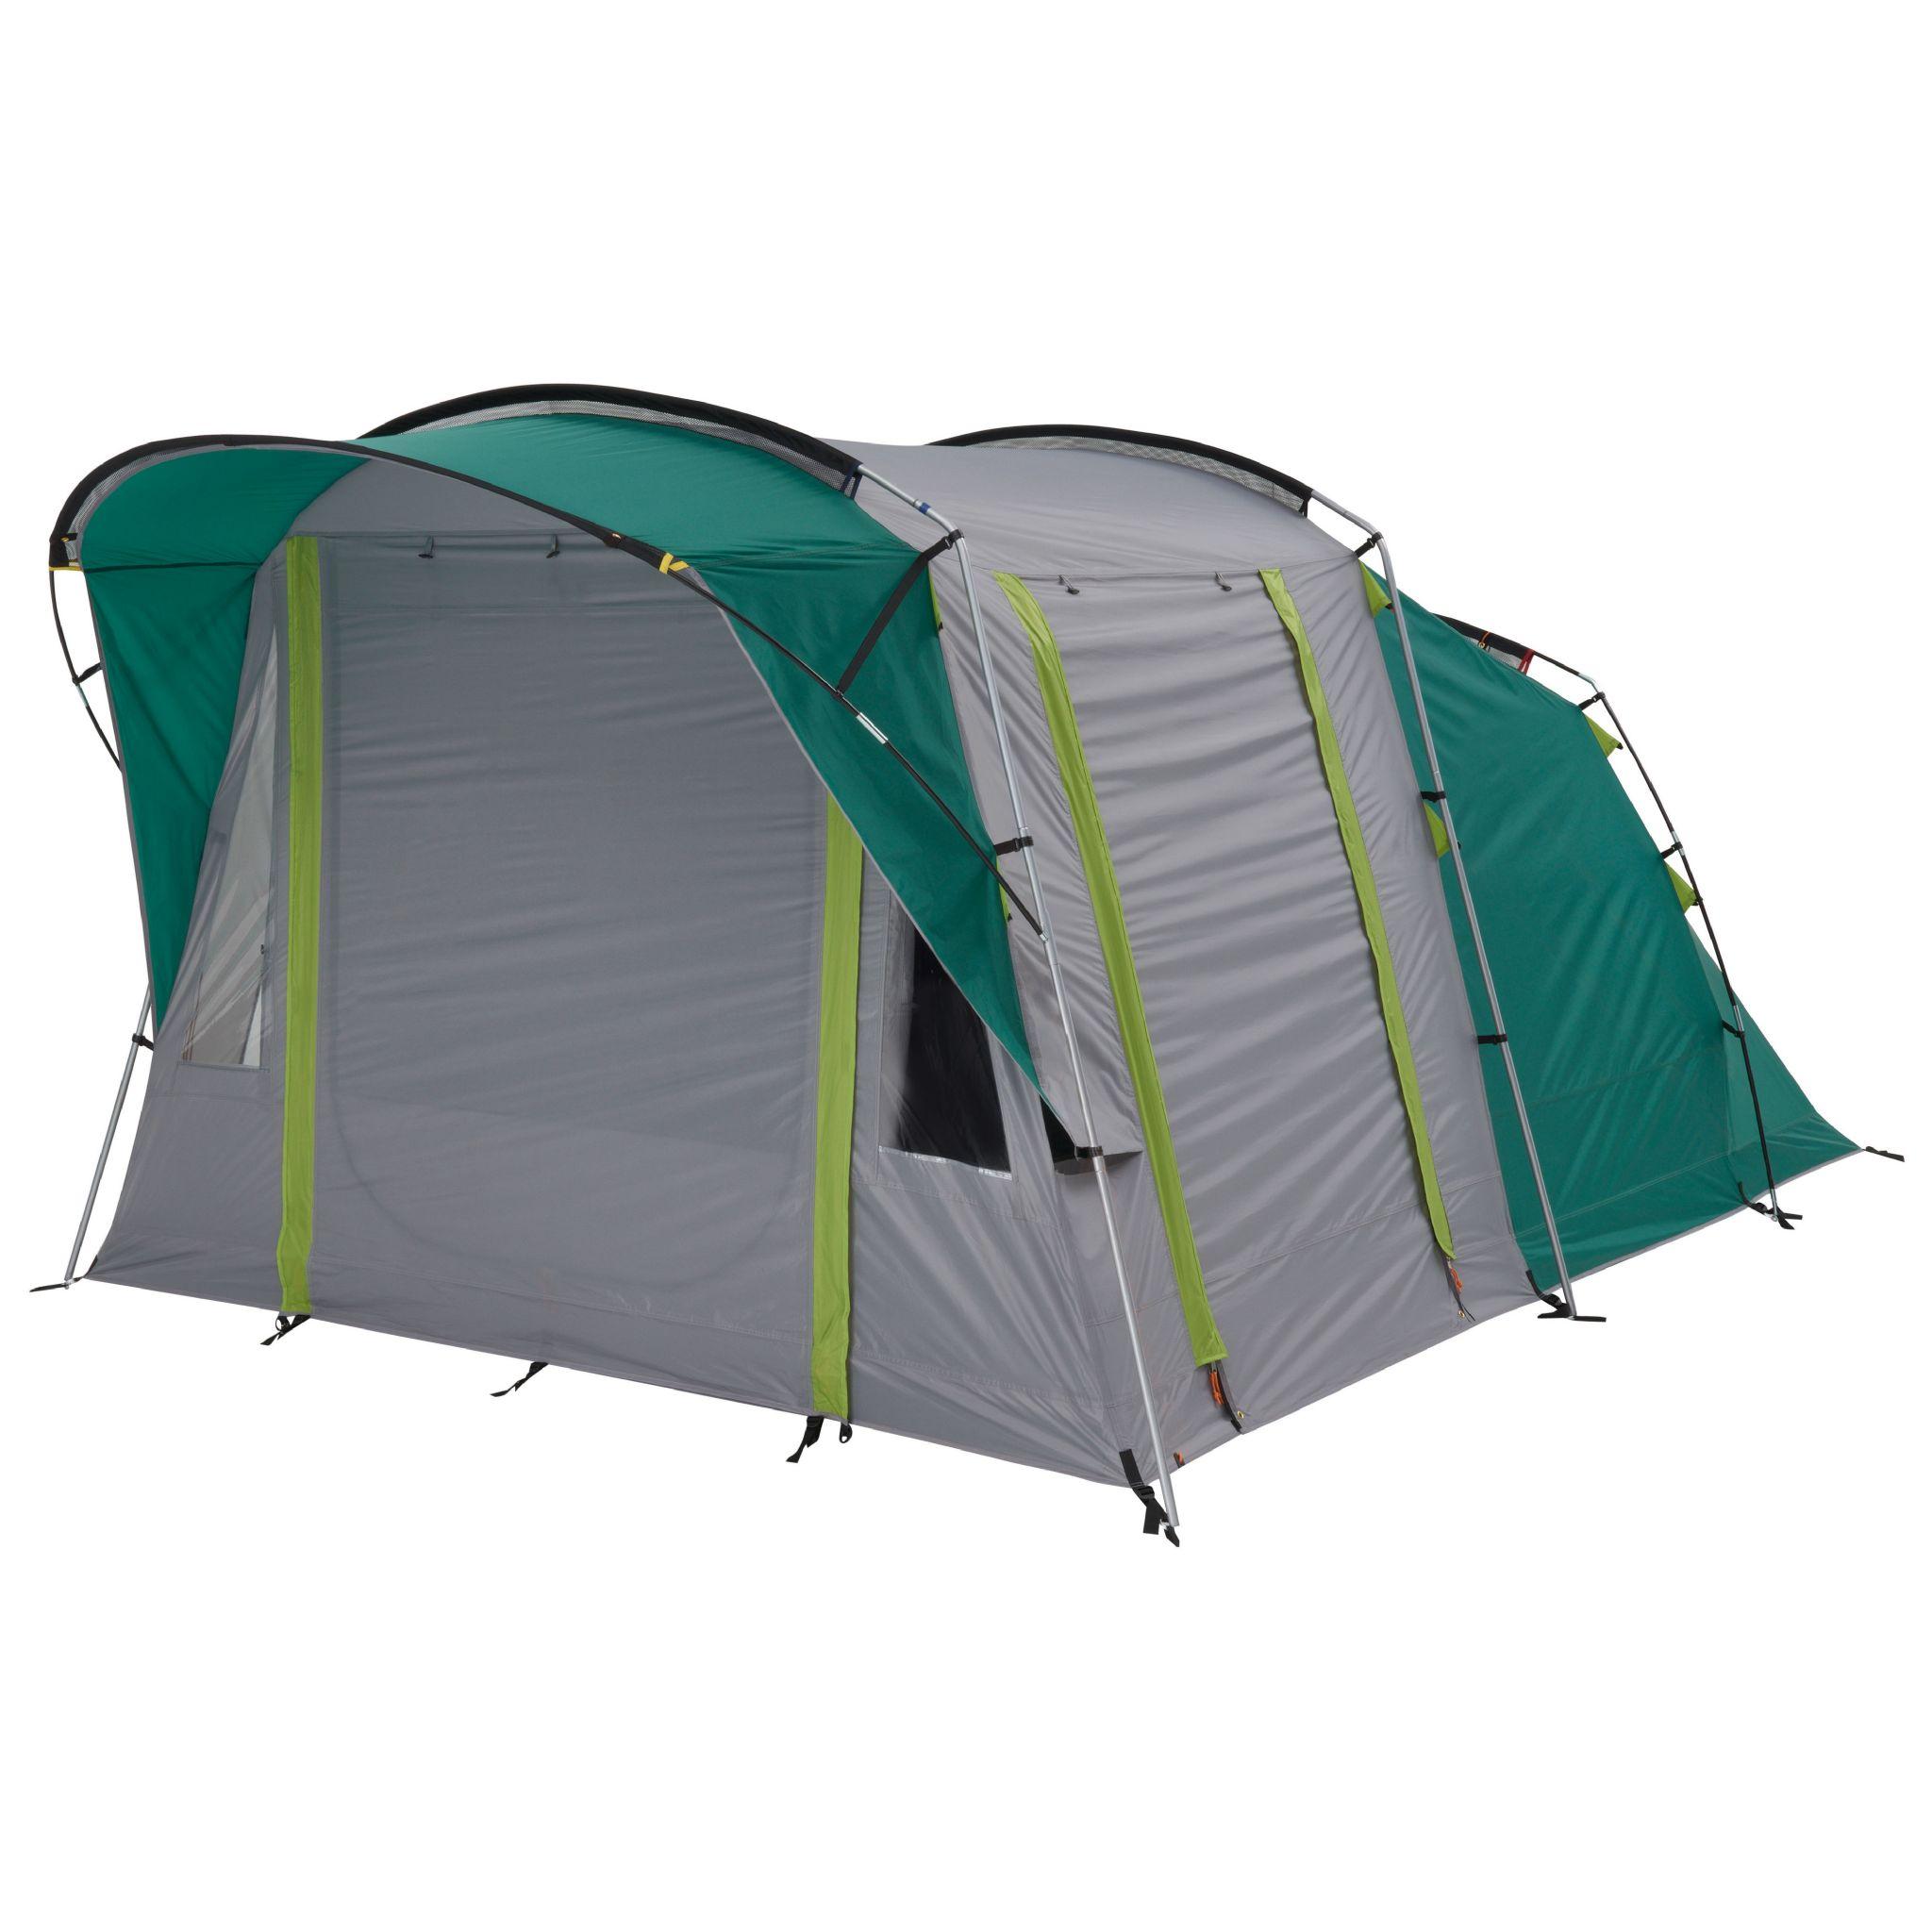 Coleman Oak Canyon 4 Family Tent - Grasshopper Leisure  sc 1 st  Grasshopper Leisure & Oak Canyon 4 Family Tent - Grasshopper Leisure